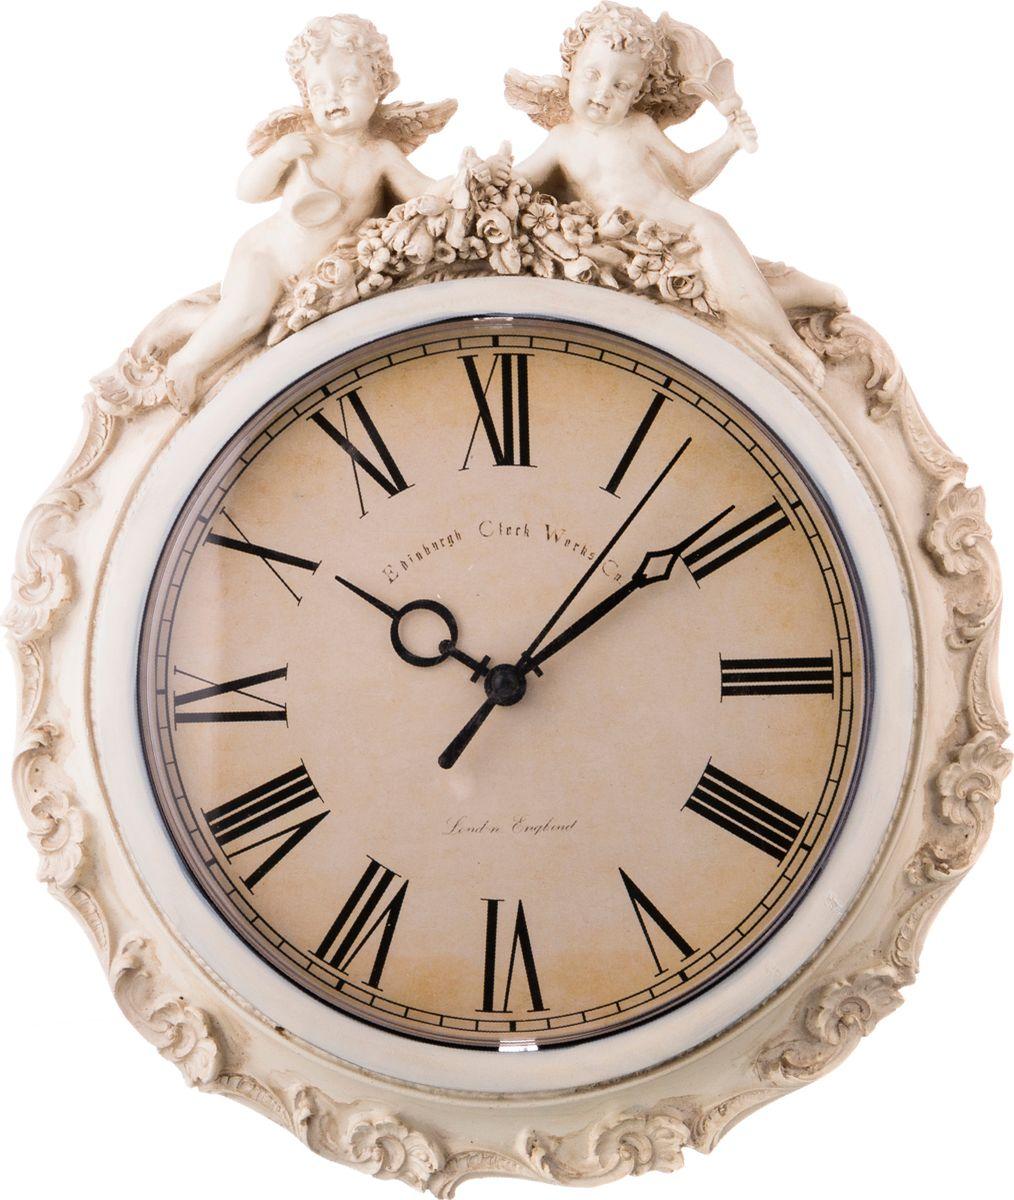 Настенные часы Lefard кварцевые, 29 х 25 х 4 см часы настенные прямоугольные 21 век у рояля 37 х 61 см